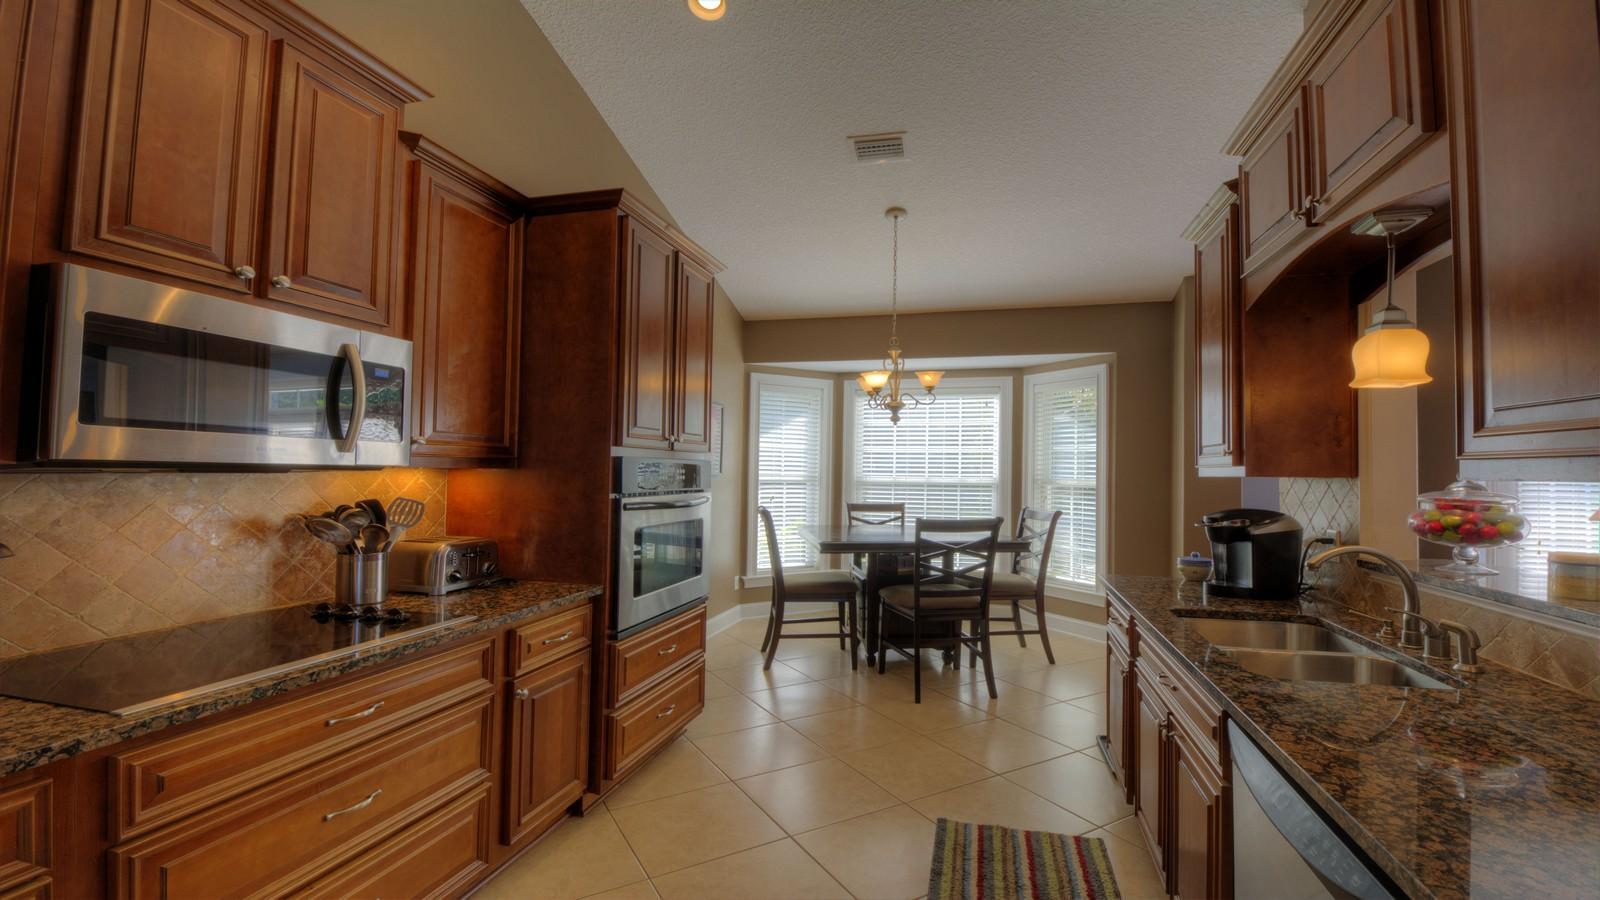 Частный односемейный дом для того Продажа на 560 Freedom Trail Brunswick, Джорджия 31525 Соединенные Штаты